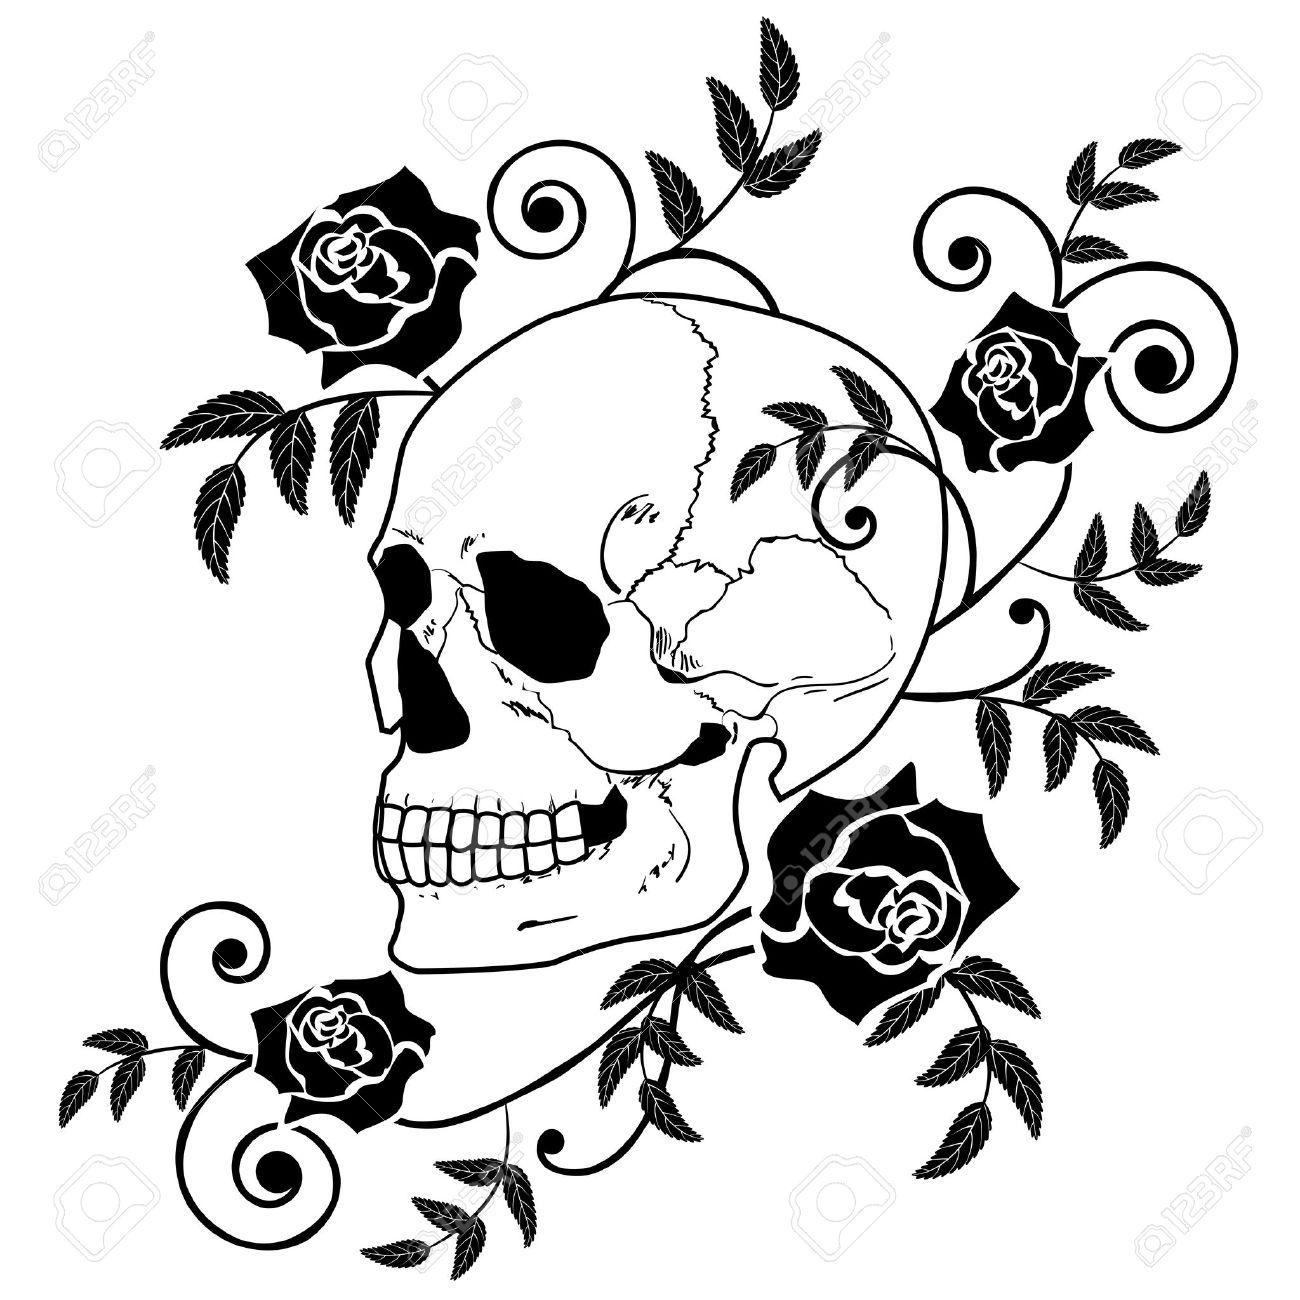 Ilustración Del Cráneo Y Rosas En Colores Blancos Y Negro